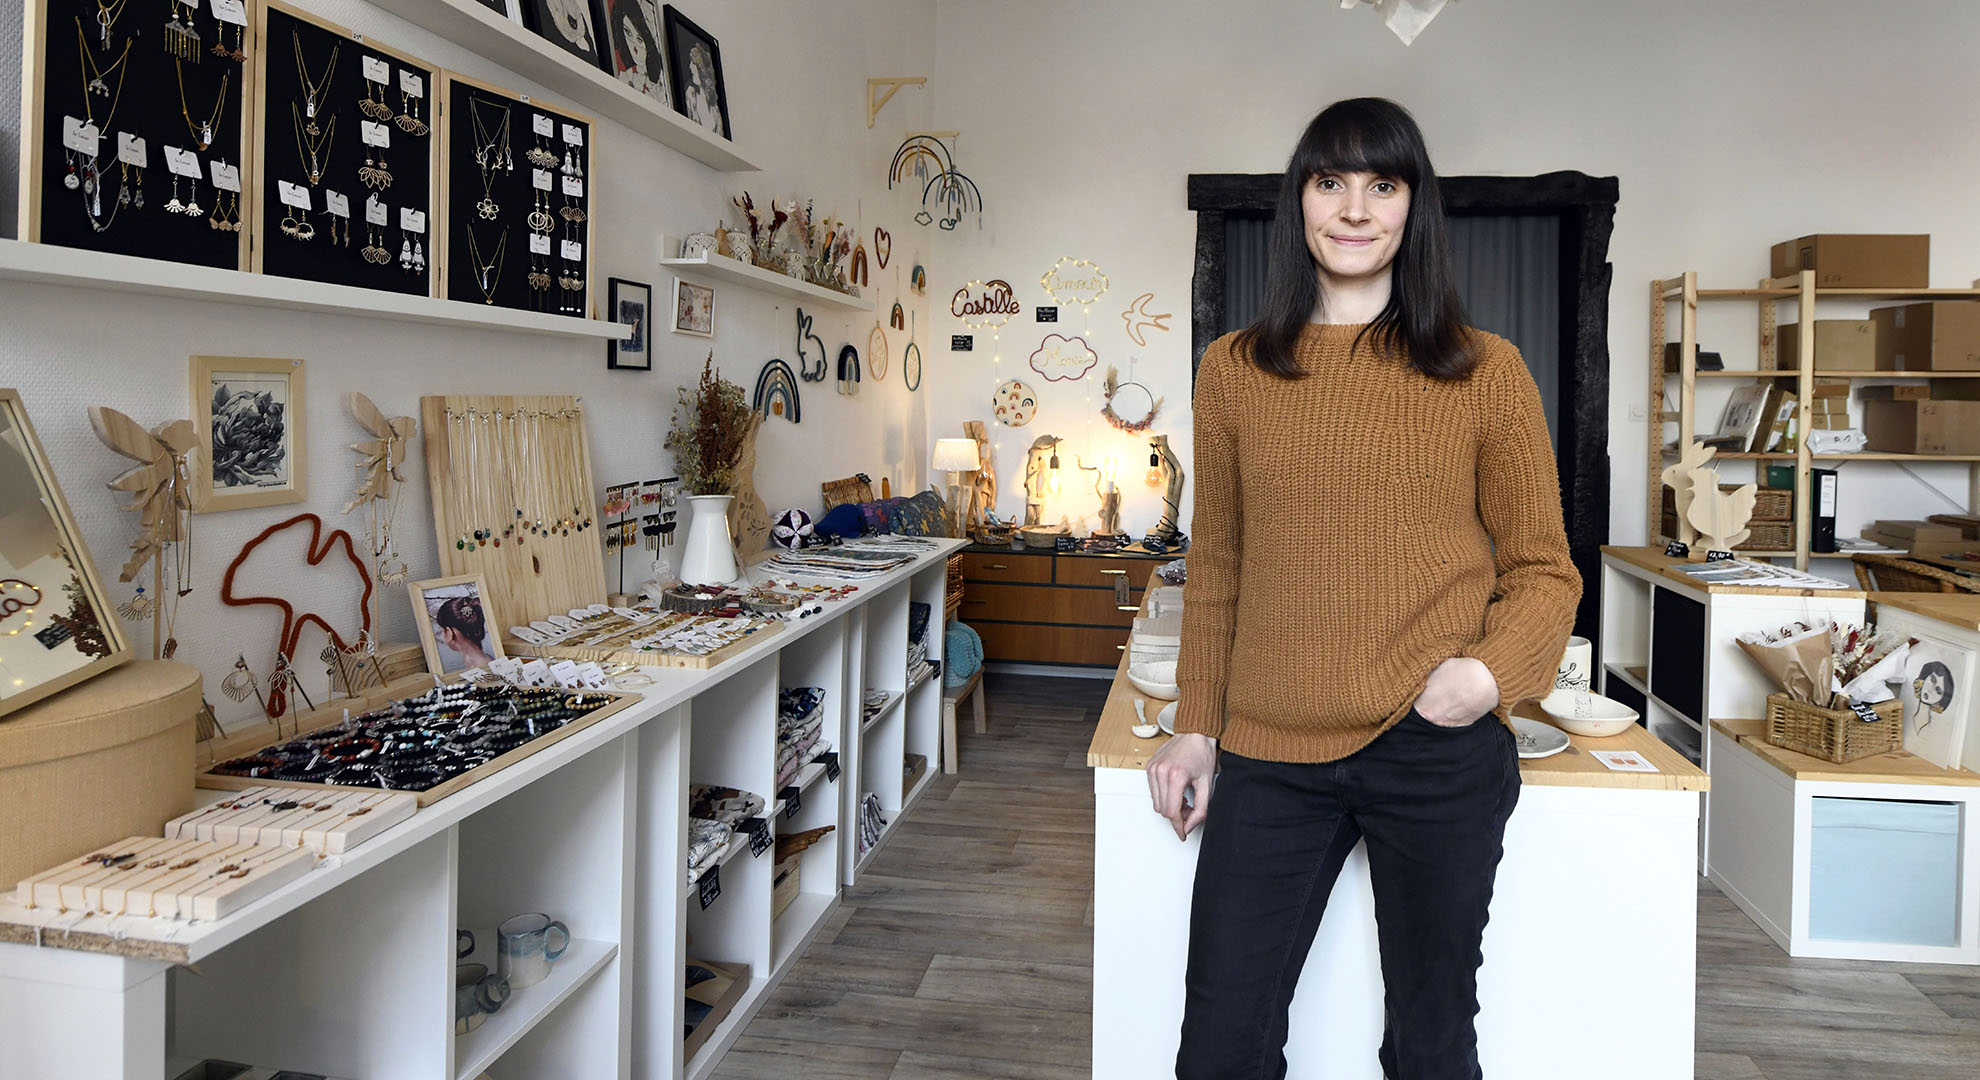 Mulhouse : à la découverte des artisans locaux chez Bretzel et Arc-en-ciel ! Près de 25 créateurs alsaciens mis en avant